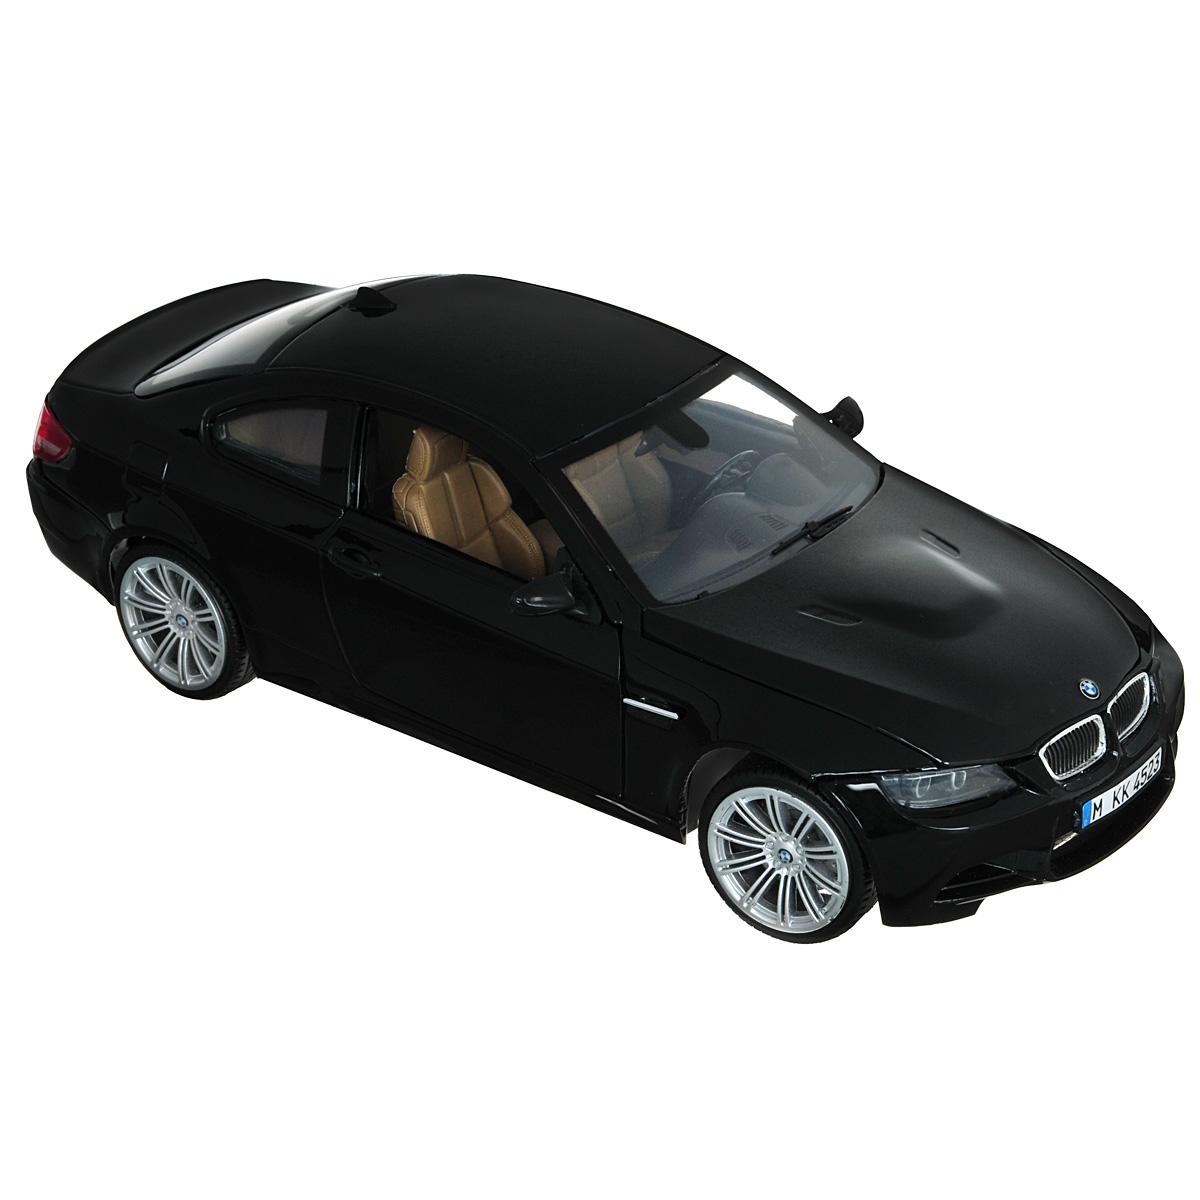 MotorMax Модель автомобиля BMW M3 Coupe цвет черныйblack_matt/ast73182Коллекционная модель MotorMax BMW M3 Coupe станет хорошим подарком для любого ценителя автомобилей. Агрессивный и практичный автомобиль, изготовленный немецким концерном BMW, славящимся своей педантичностью в проработке деталей, не нуждается в представлении. Различные модификации BMW M3 нашли широкое отражение даже в компьютерной игре Need for Speed, появившись сразу в нескольких играх серии. Модель BMW M3 Coupe изготовлена брендом MOTORMAX с не меньшим вниманием к деталям, чем у ее прототипа. В совершенстве воспроизведены разнообразные элементы интерьера и «начинки» авто, включая приборную панель и двигатель в моторном отсеке. У автомобиля открываются двери и капот, поворачиваются колеса. Для изготовления корпуса машинки использован литой металл (die cast) с пластиковыми элементами, а еще у этого автомобиля шины из настоящей резины. Модель помещена на пластиковую подставку с оригинальным названием машины. Эта игрушка станет великолепным подарком...